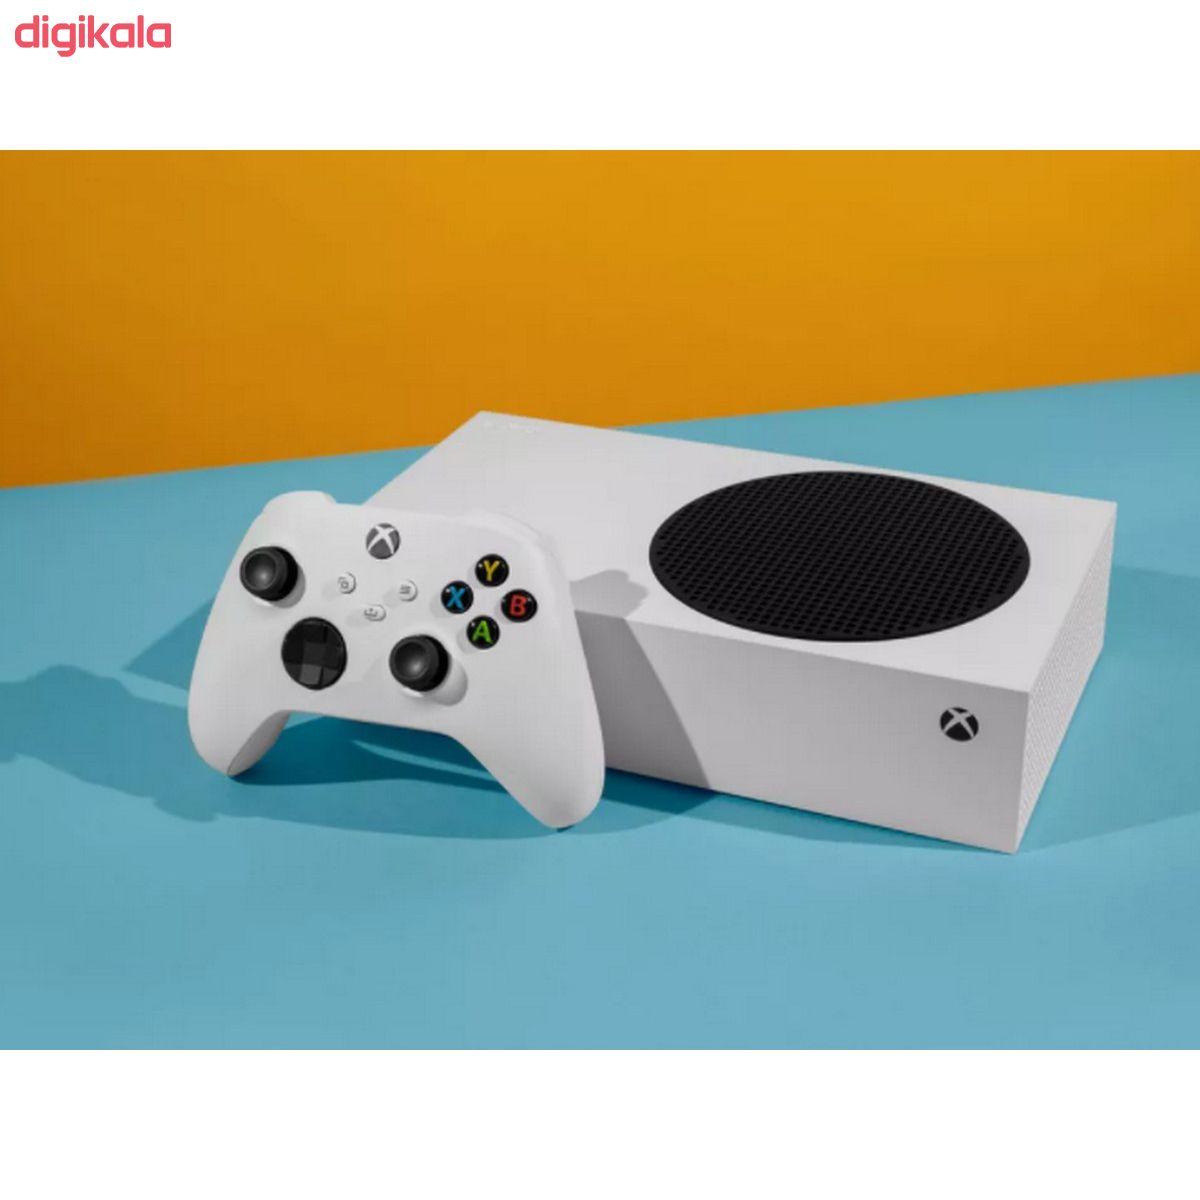 کنسول بازی مایکروسافت مدل XBOX SERIES S ظرفیت 512 گیگابایت main 1 15